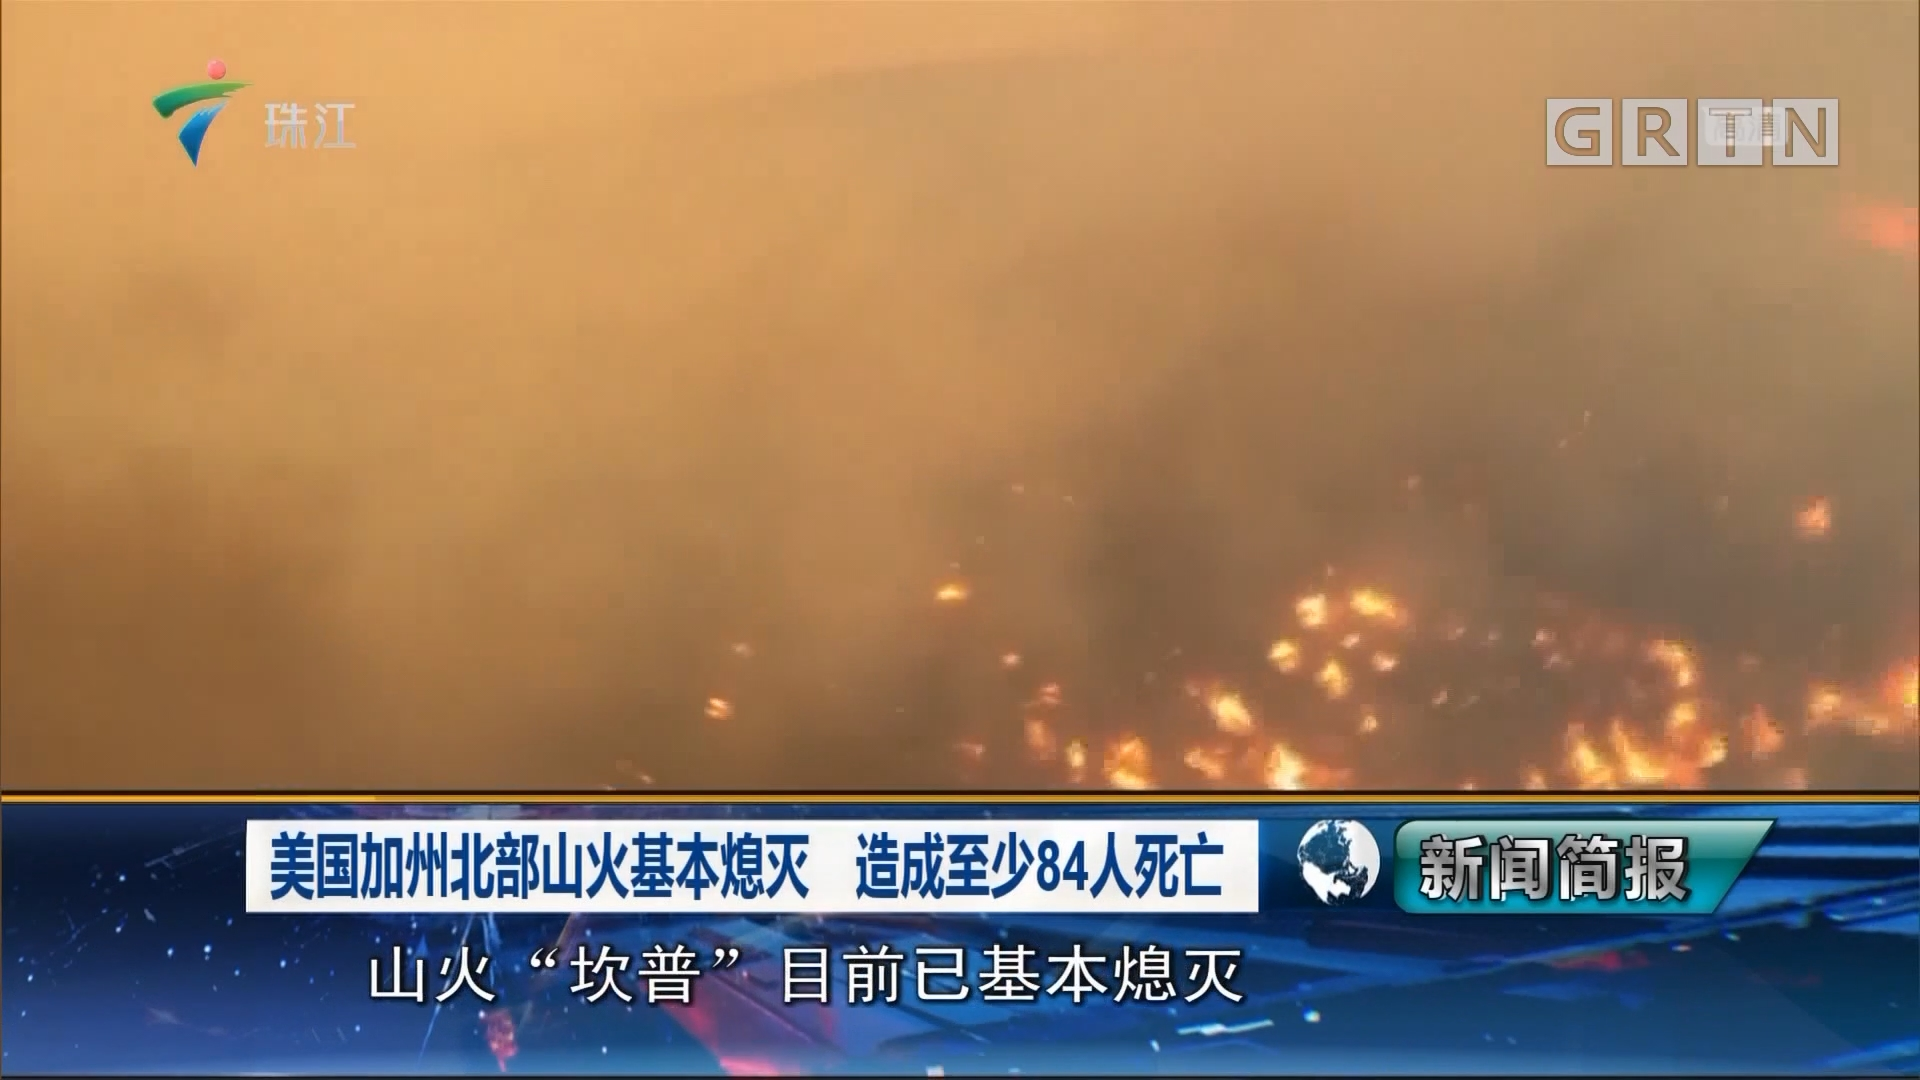 美国加州北部山火基本熄灭 造成至少84人死亡